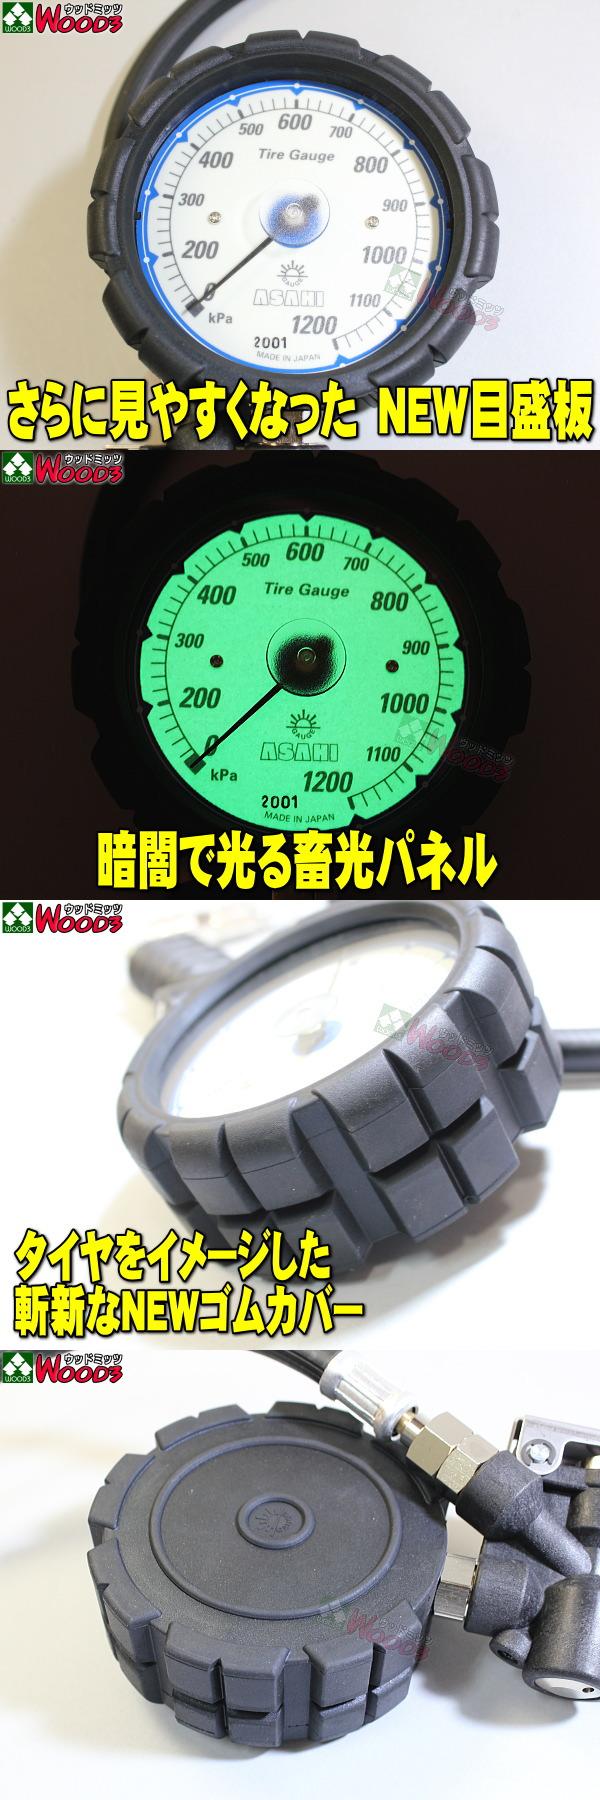 ゲージボタルEX AGE-1200 旭産業 アサヒ タイヤゲージ